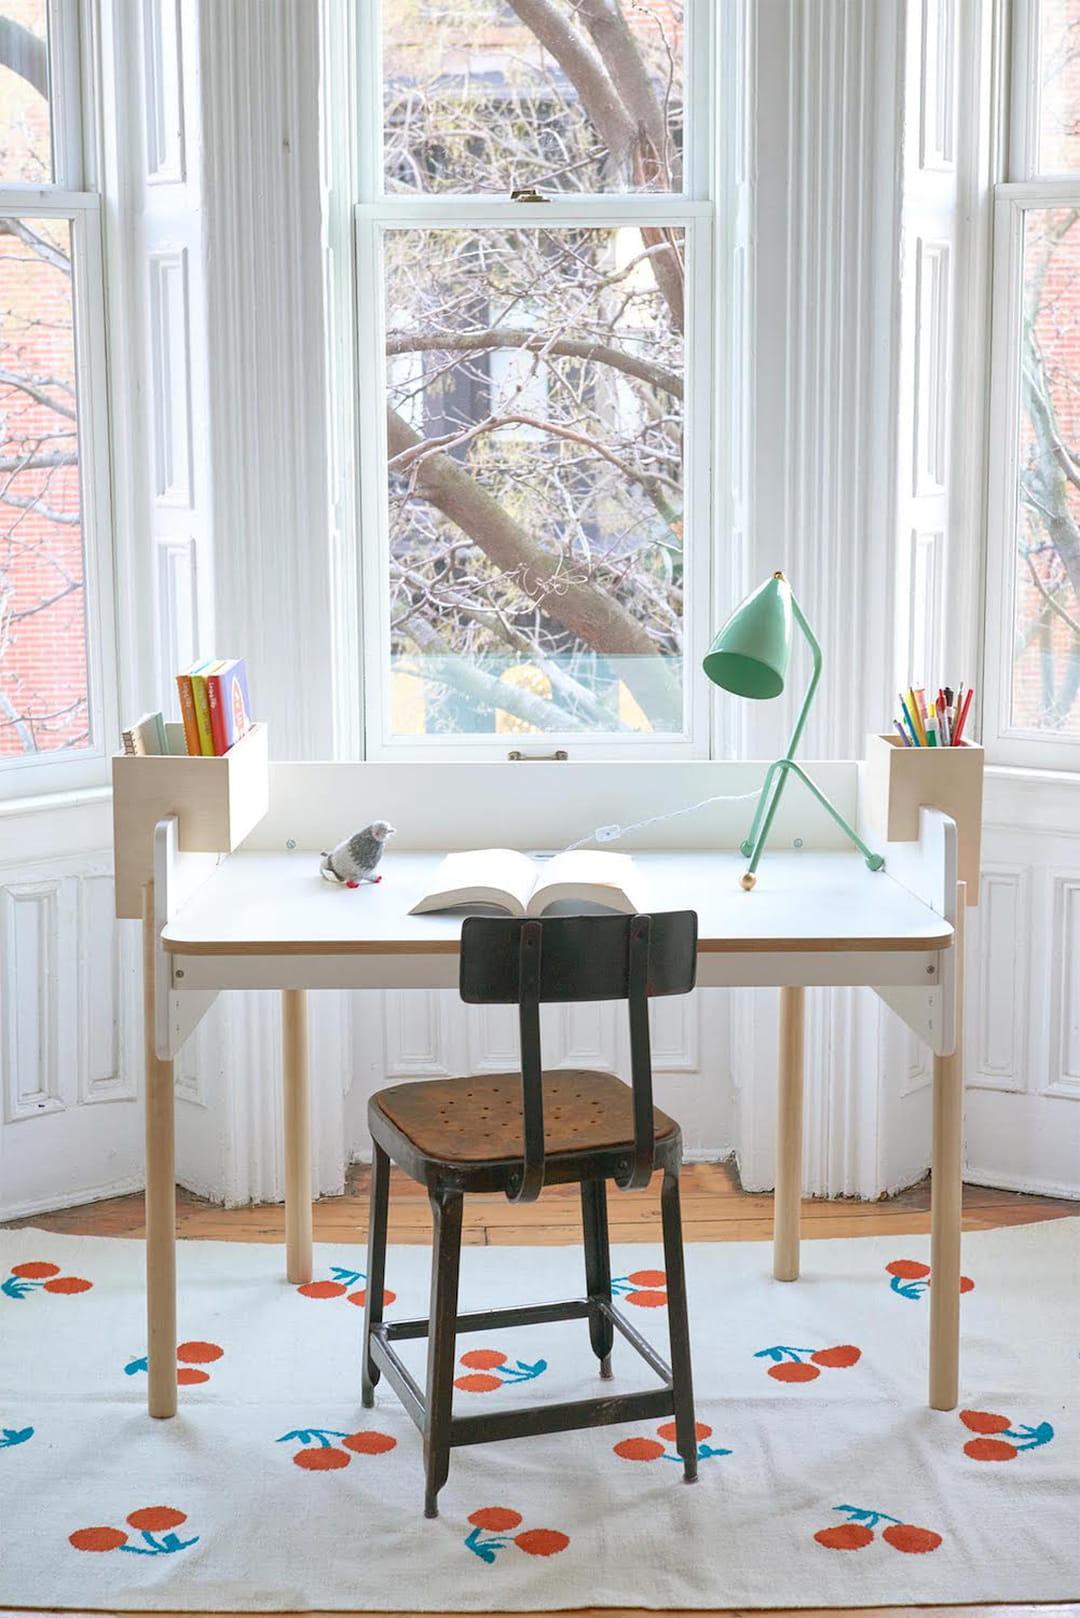 Comment aménager un coin bureau dans une chambre ?